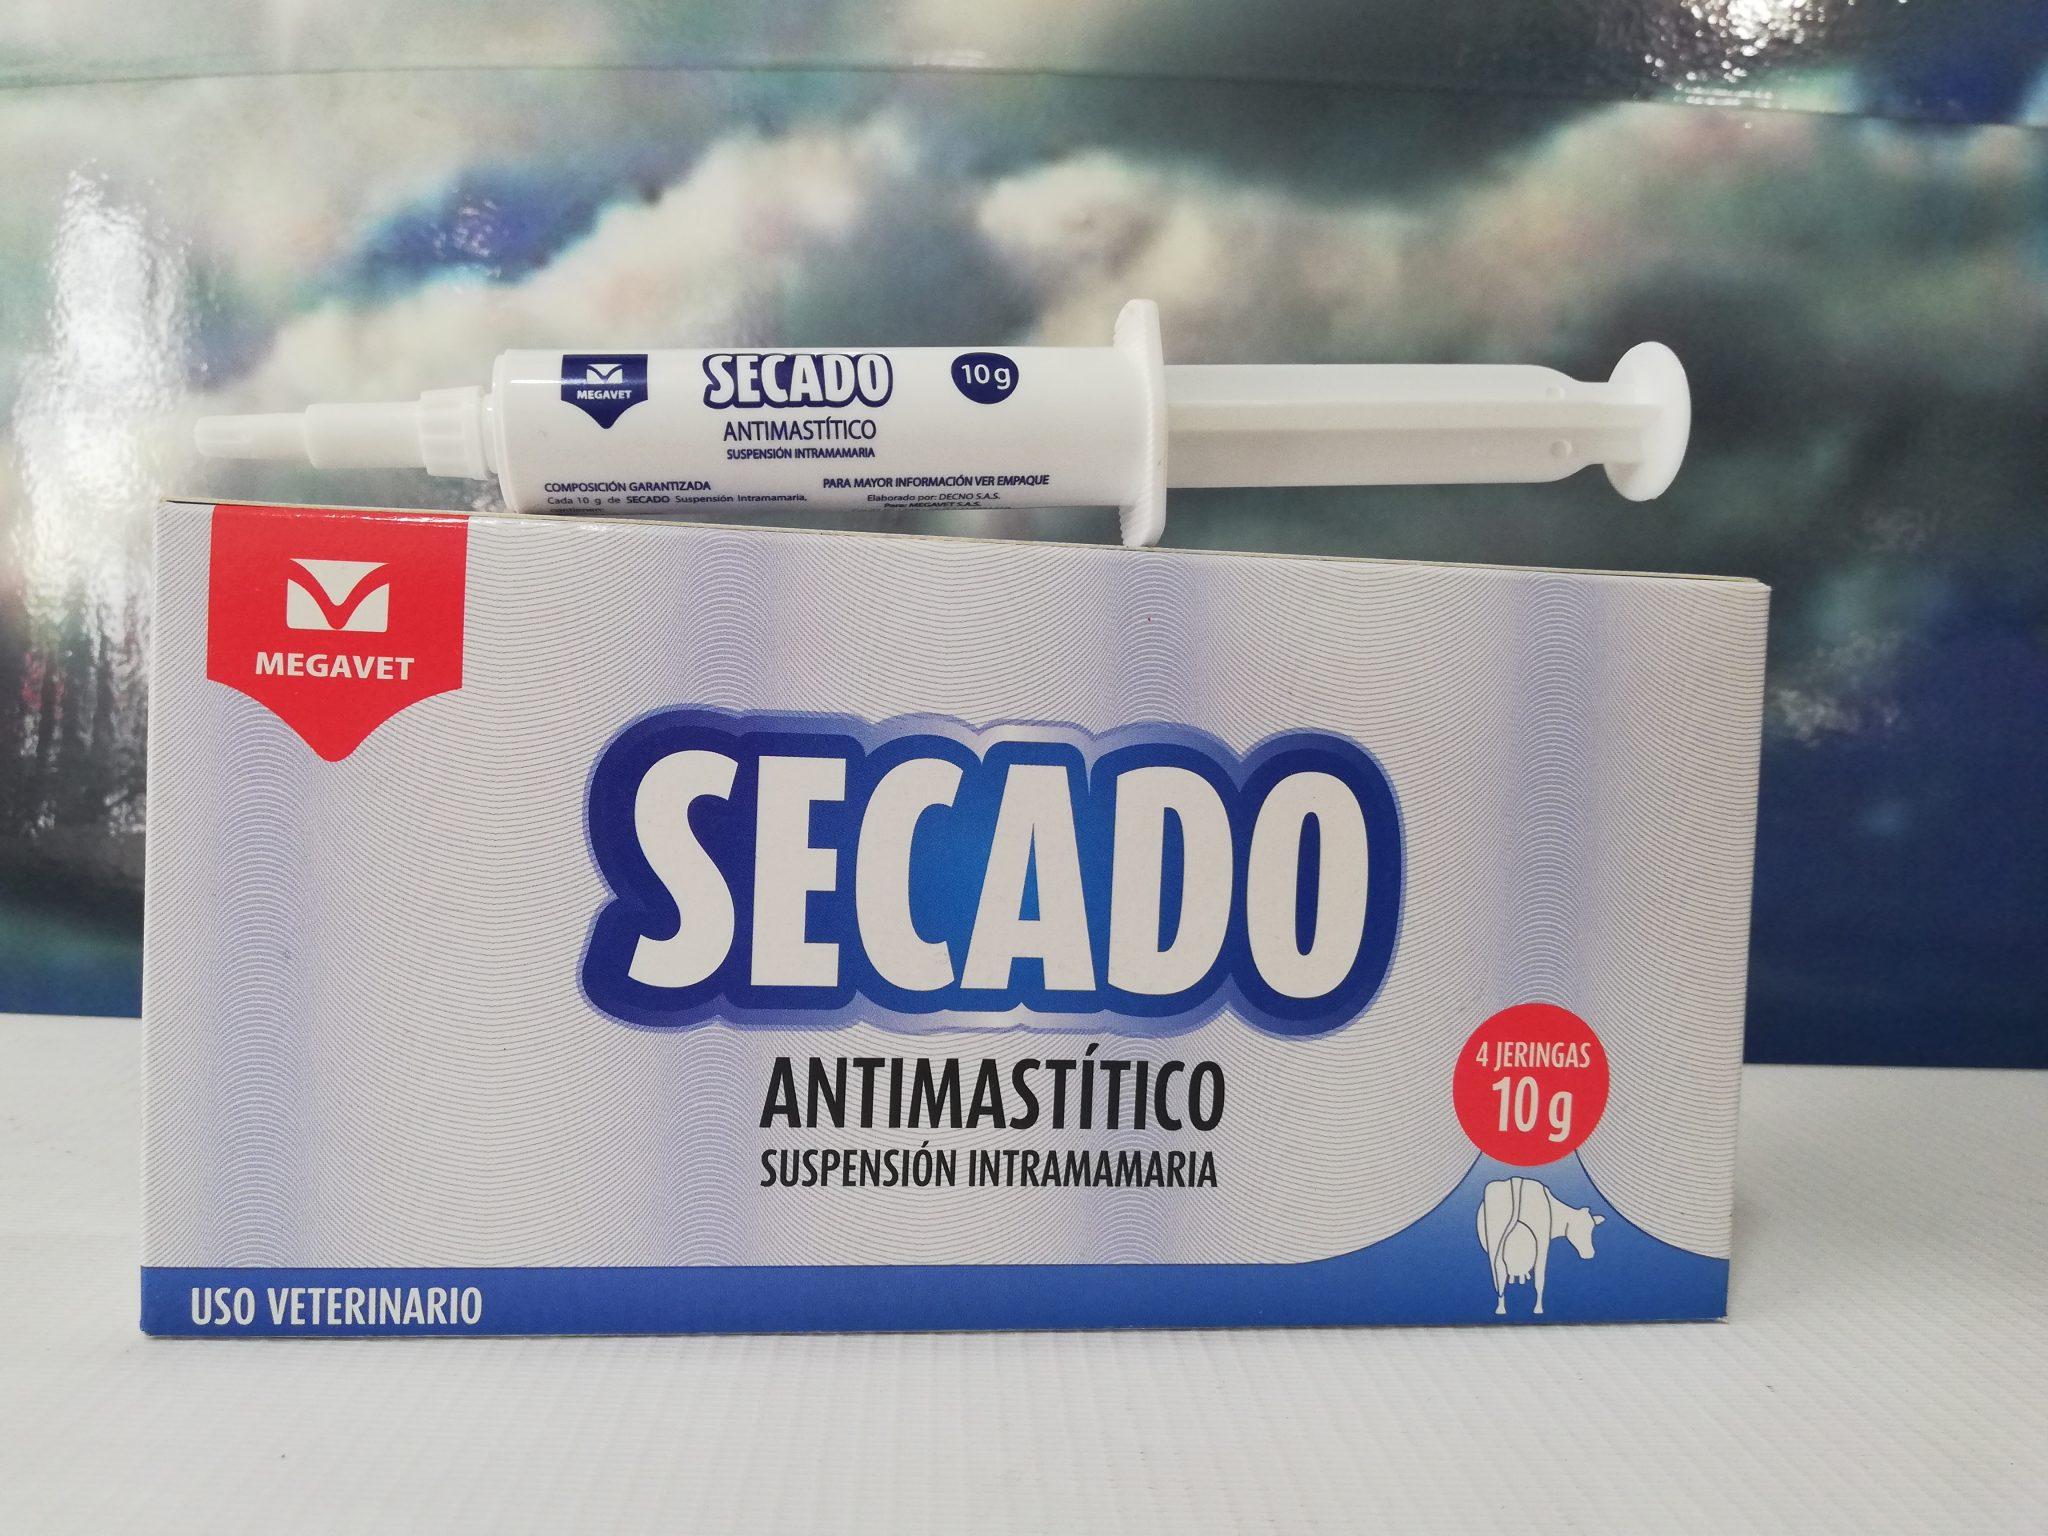 SECADO X 10 GR MEGAVET